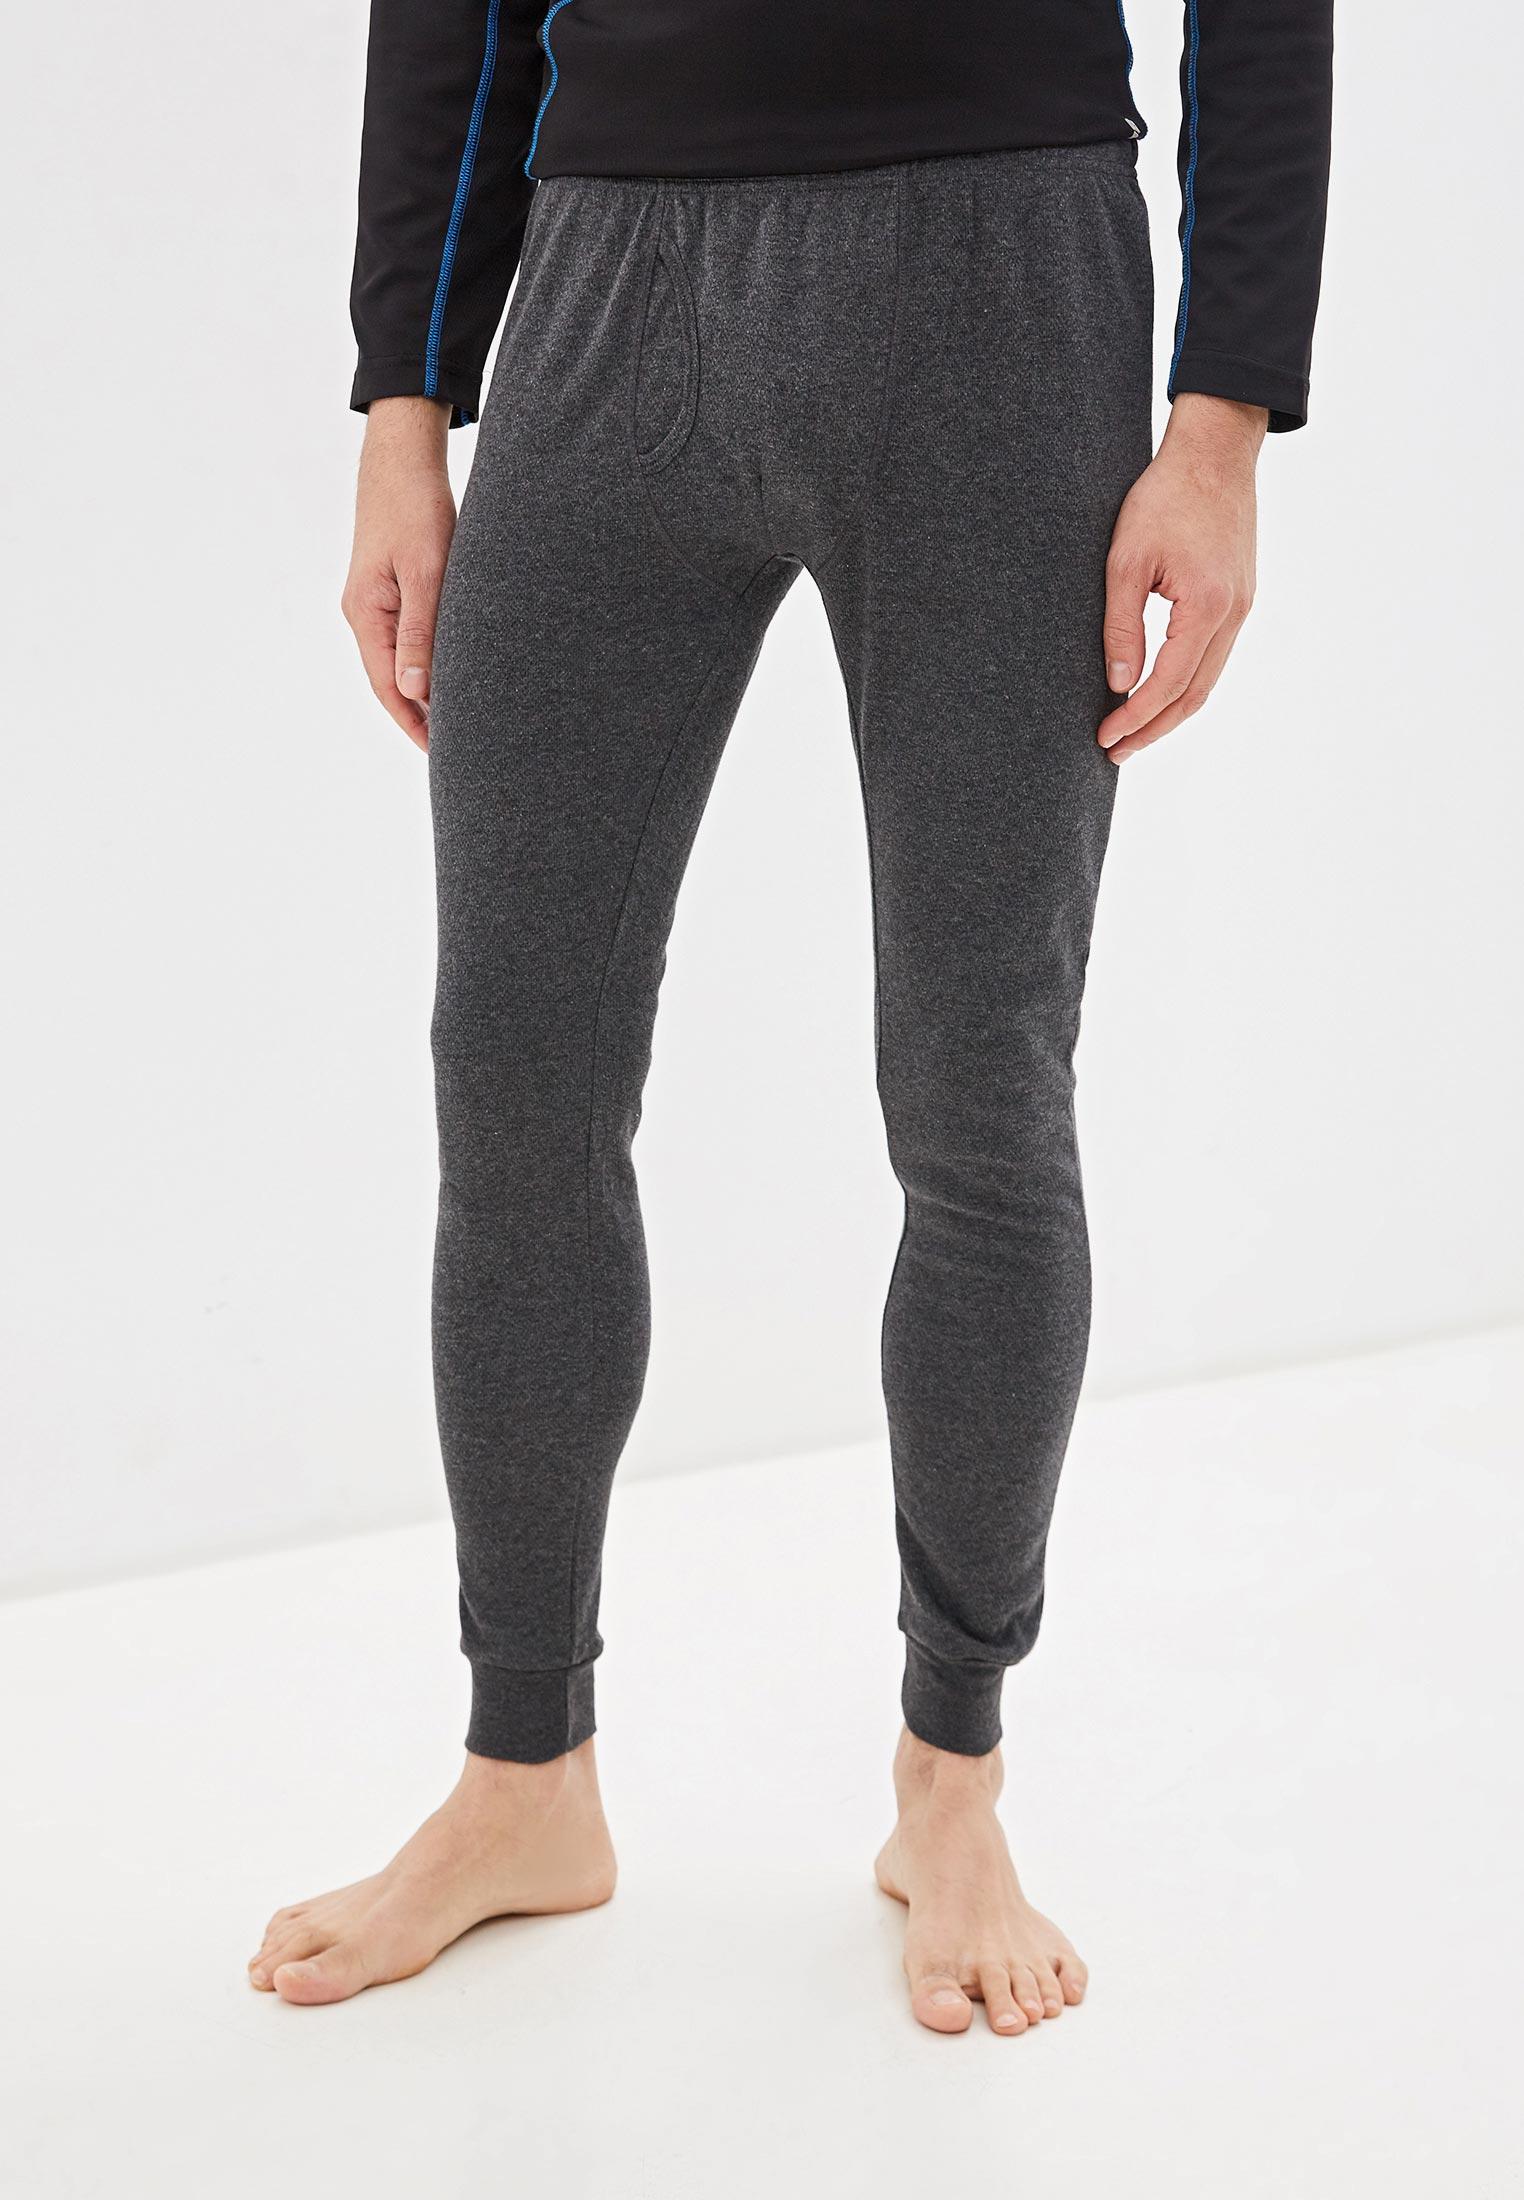 Мужское белье и одежда для дома Sela (Сэла) LPUb-255/022-9442